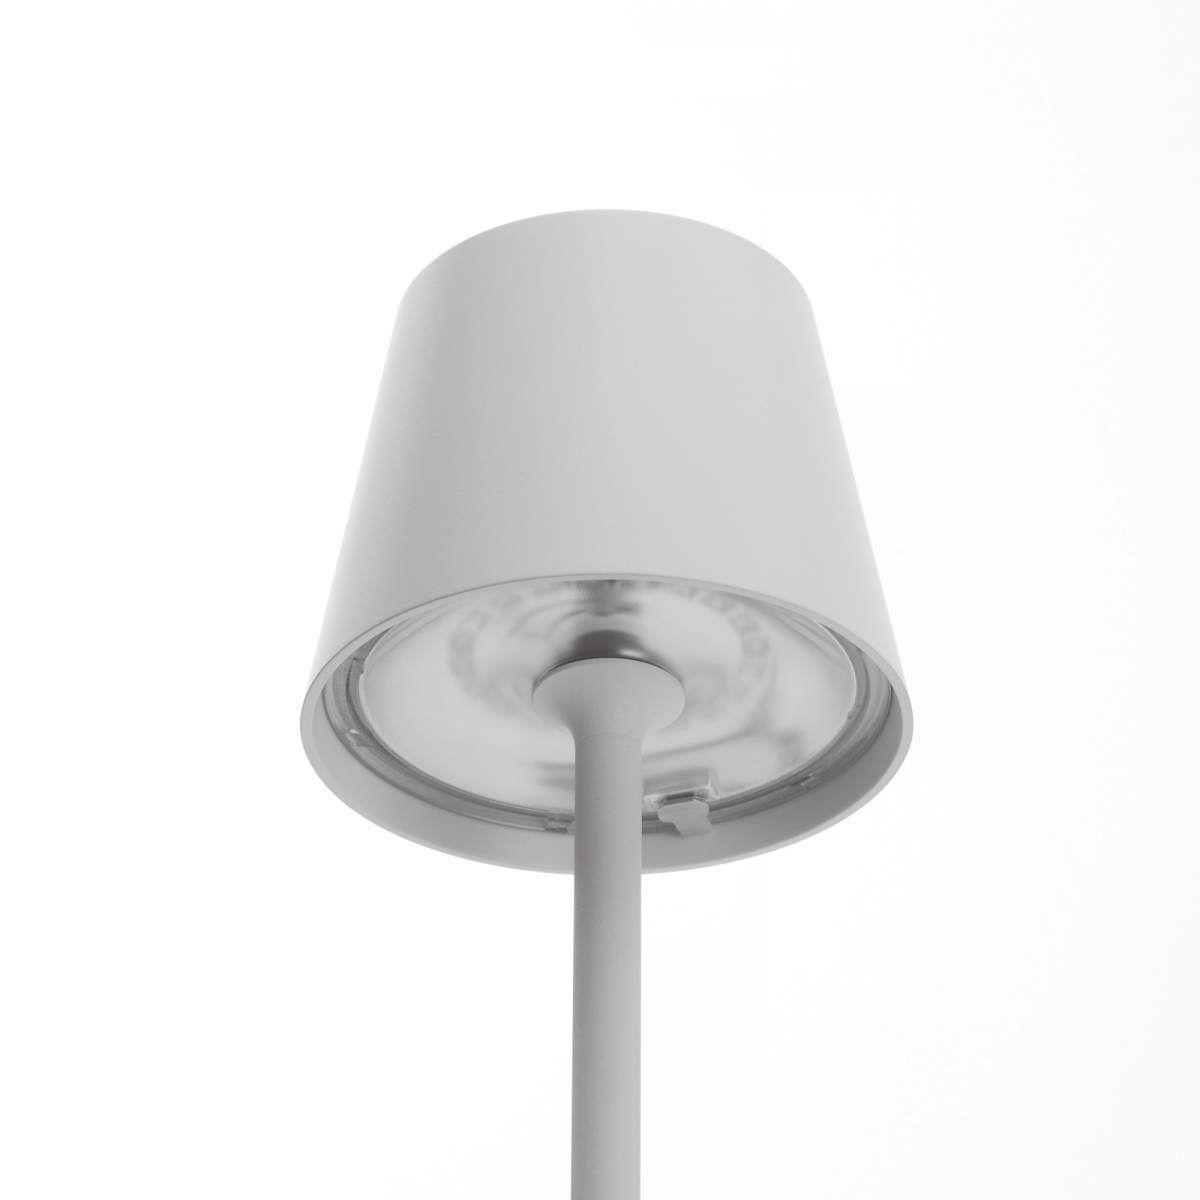 Moderne Erdspiessleuchte Poldina Von Ailati Weiss Led Tischlampe Led Hangeleuchte Und Led Lampe